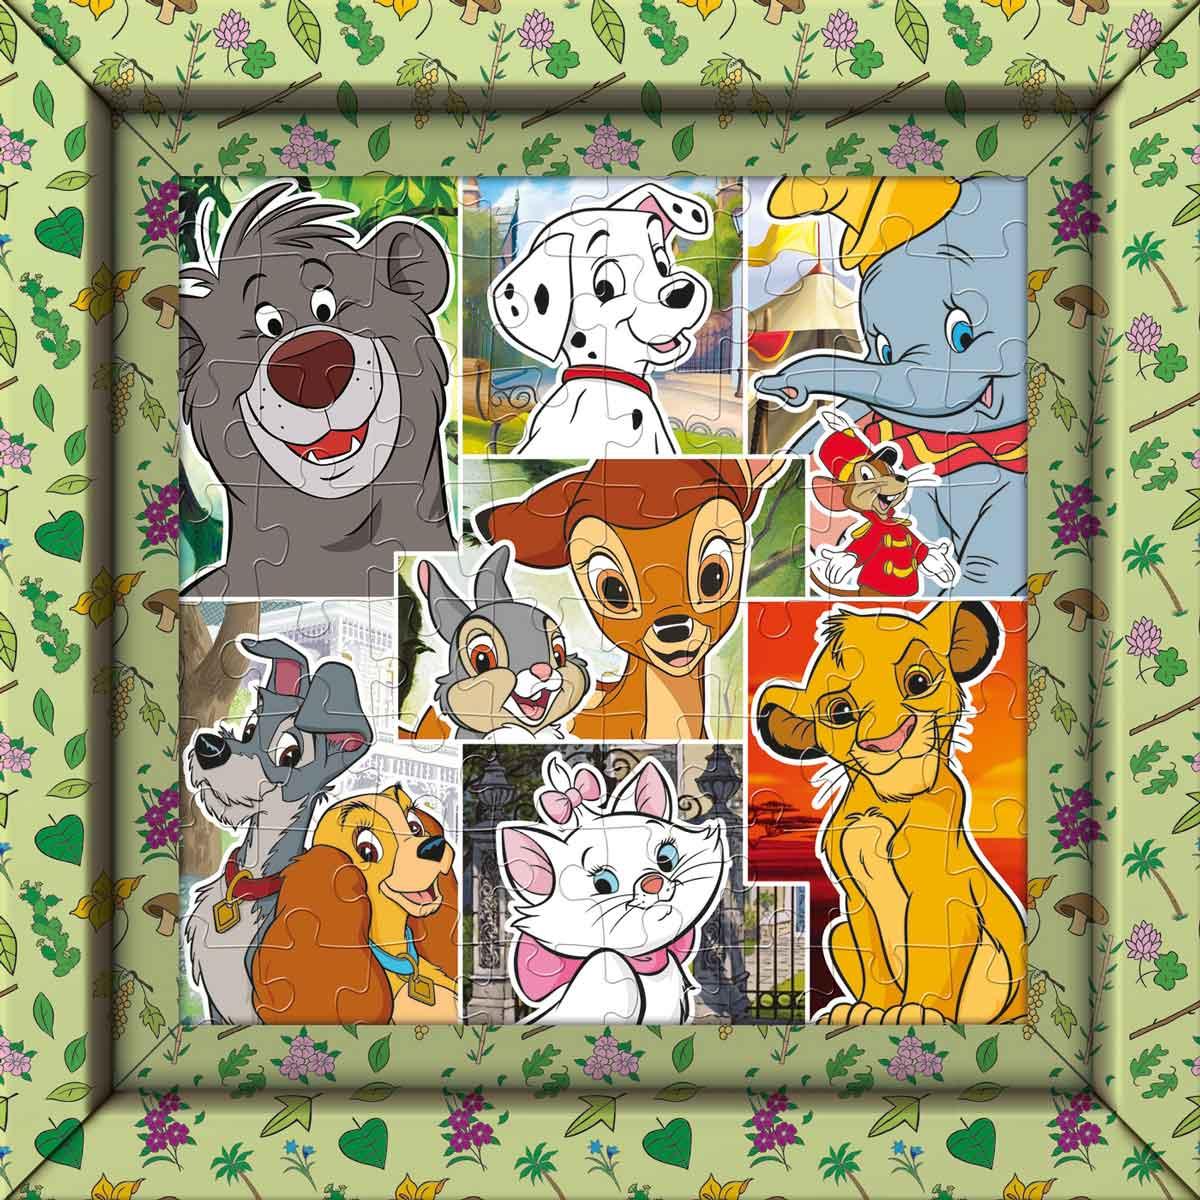 Puzzle Clementoni Frame Me Up Animales Disney de 60 Pzs